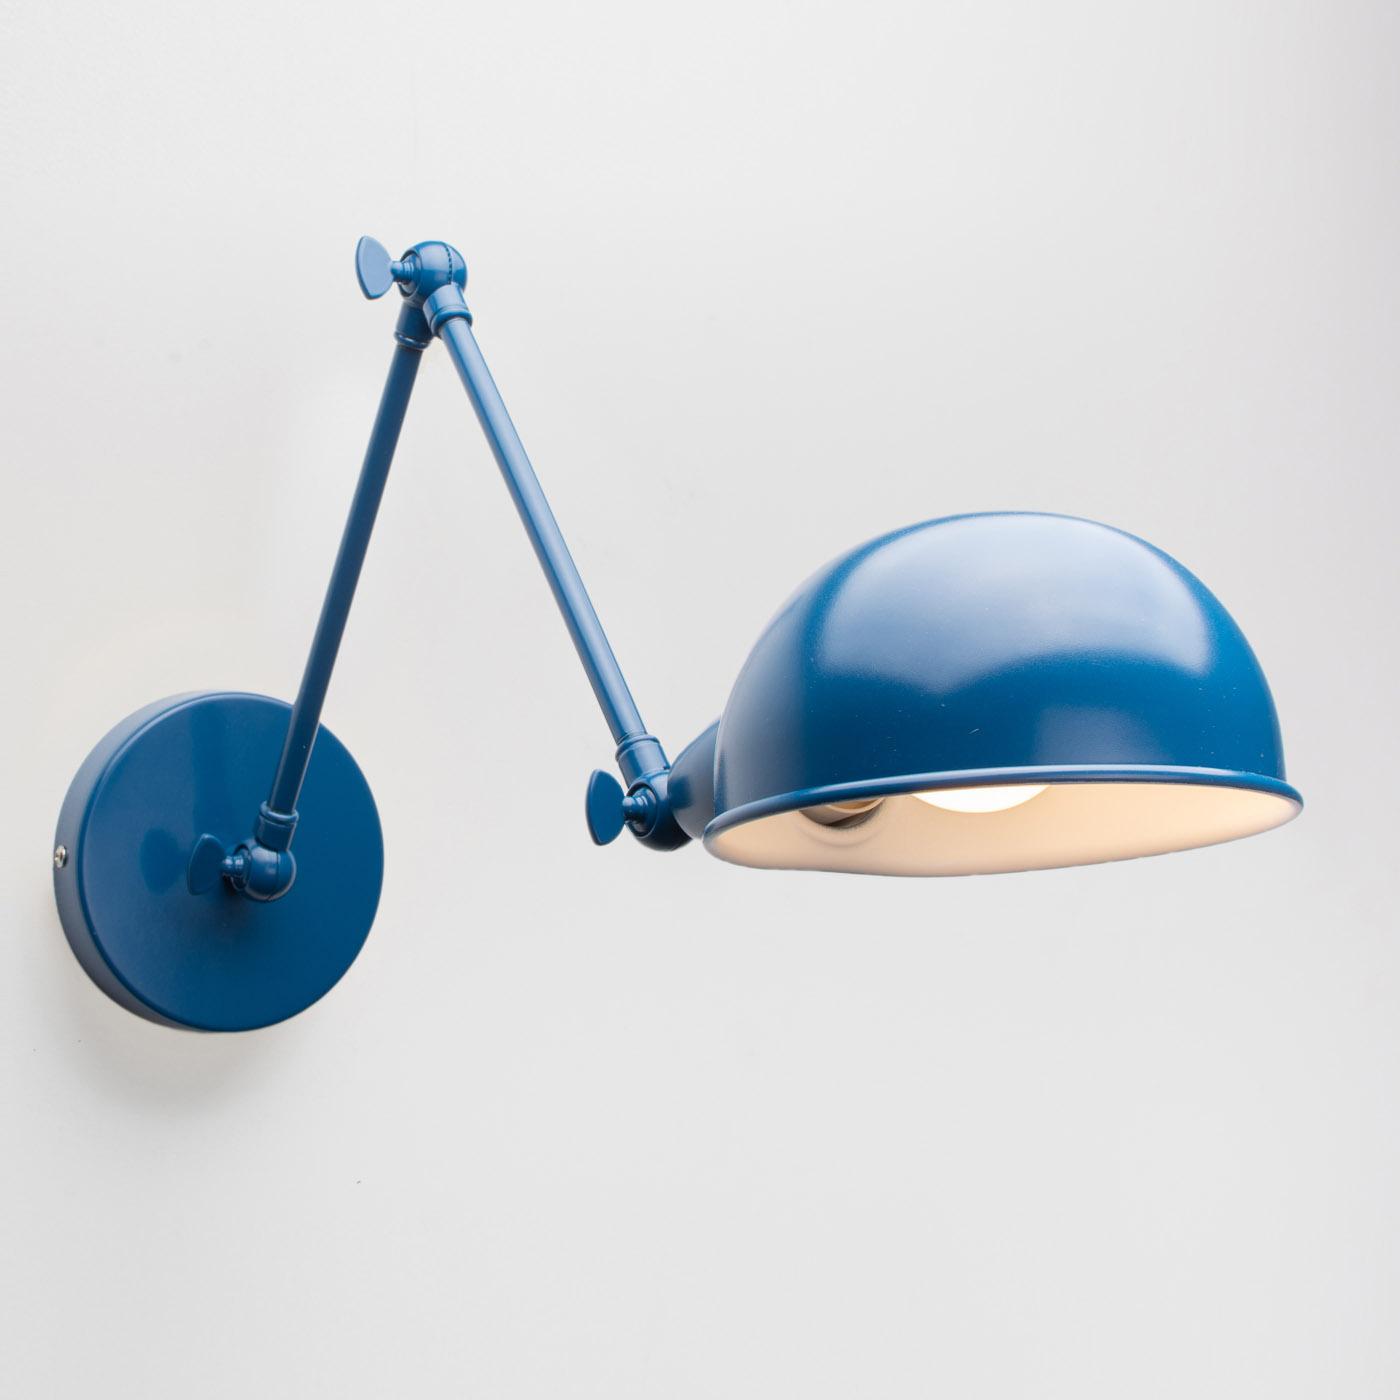 Настенный светильник Folke синий